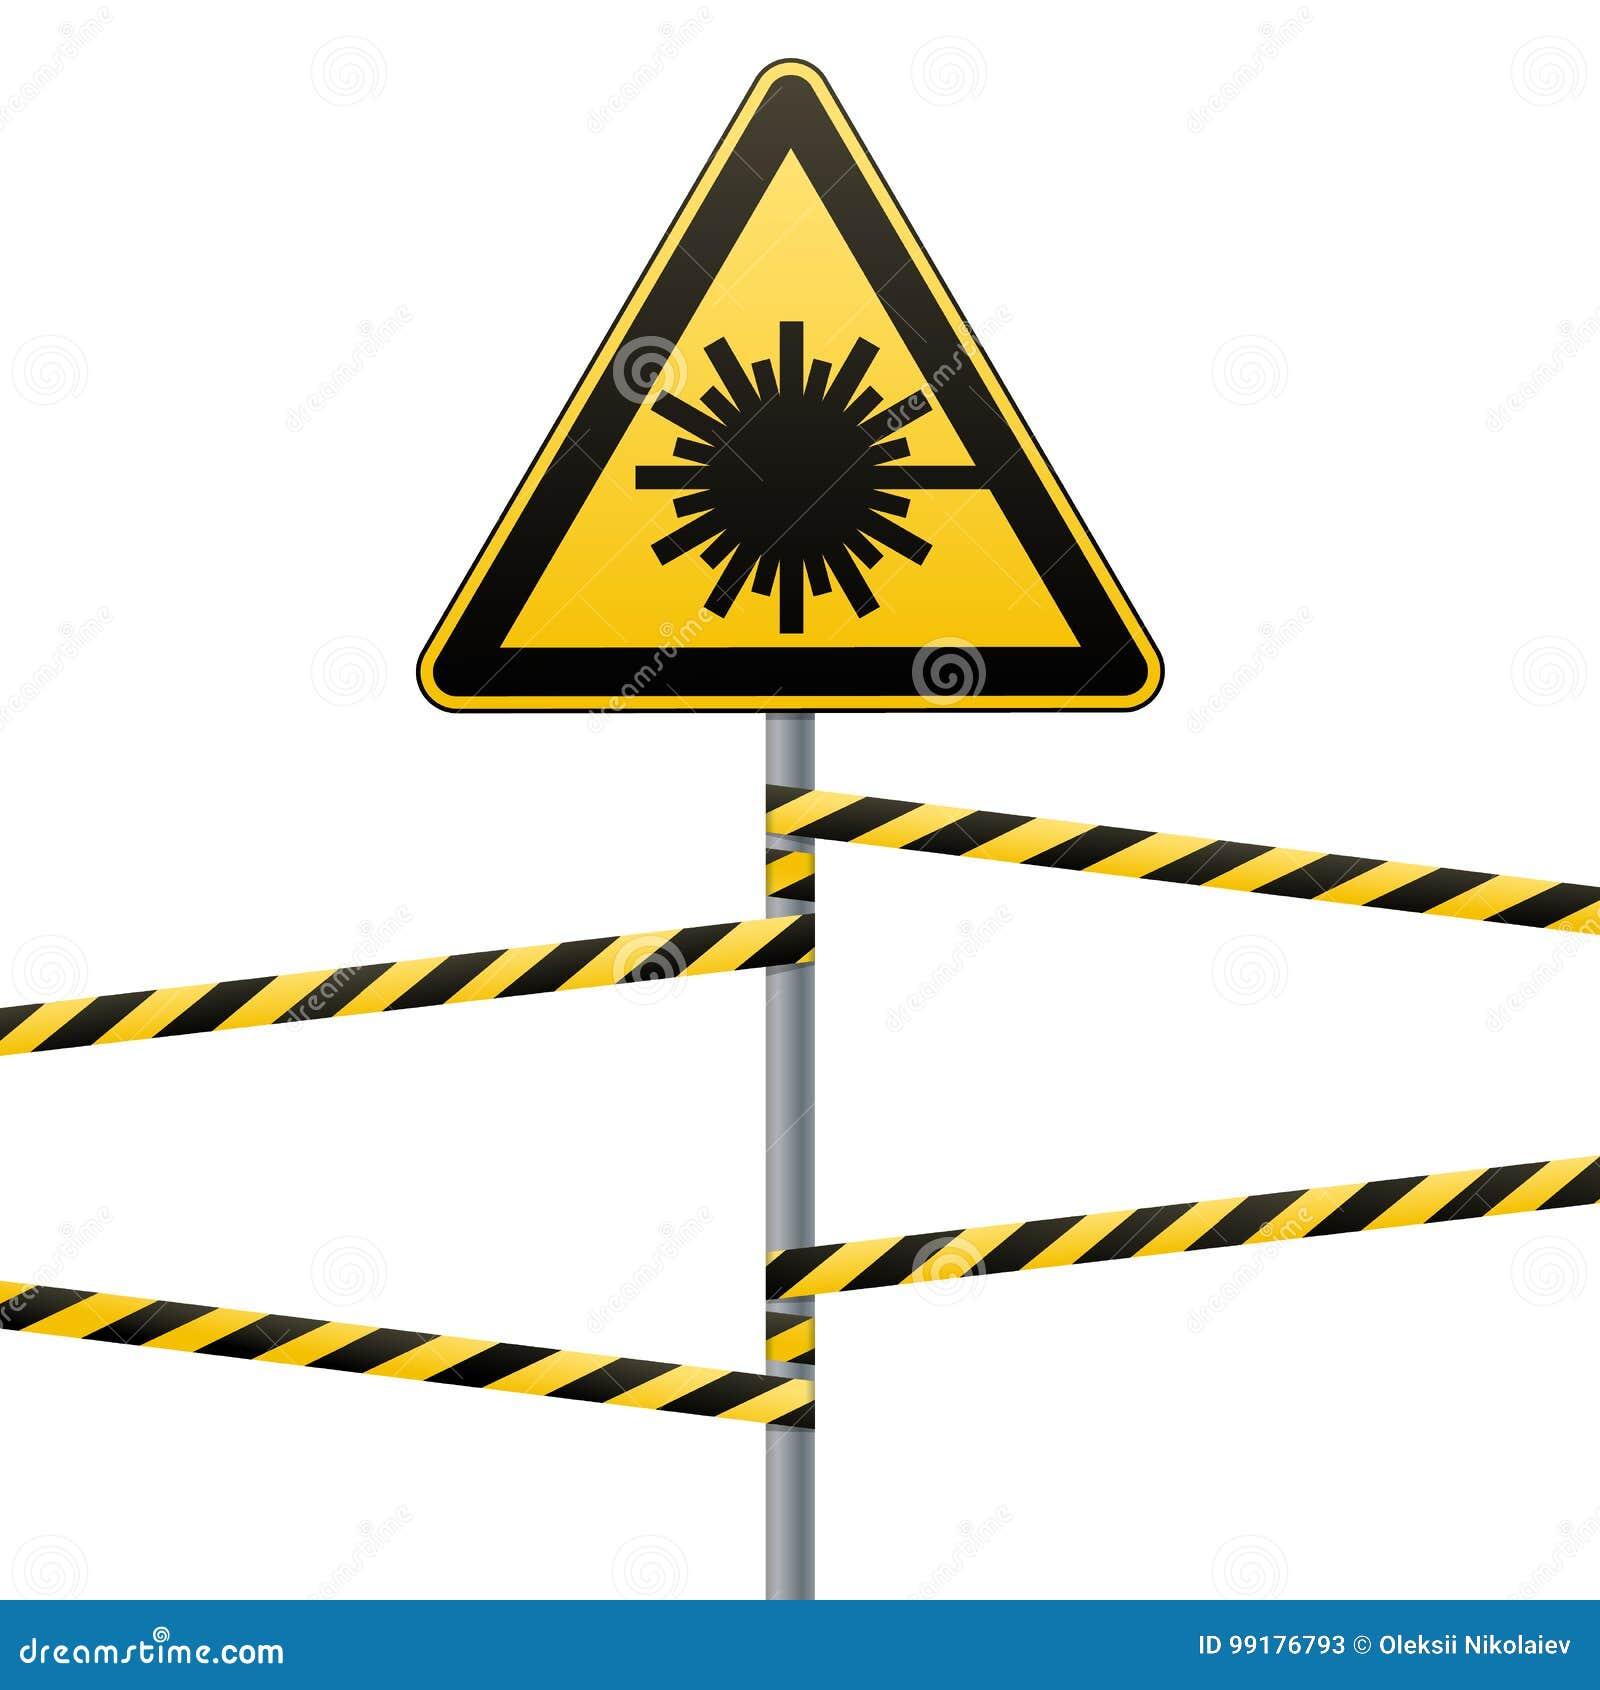 Caution Danger Warning Sign Safety Danger Laser Radiation